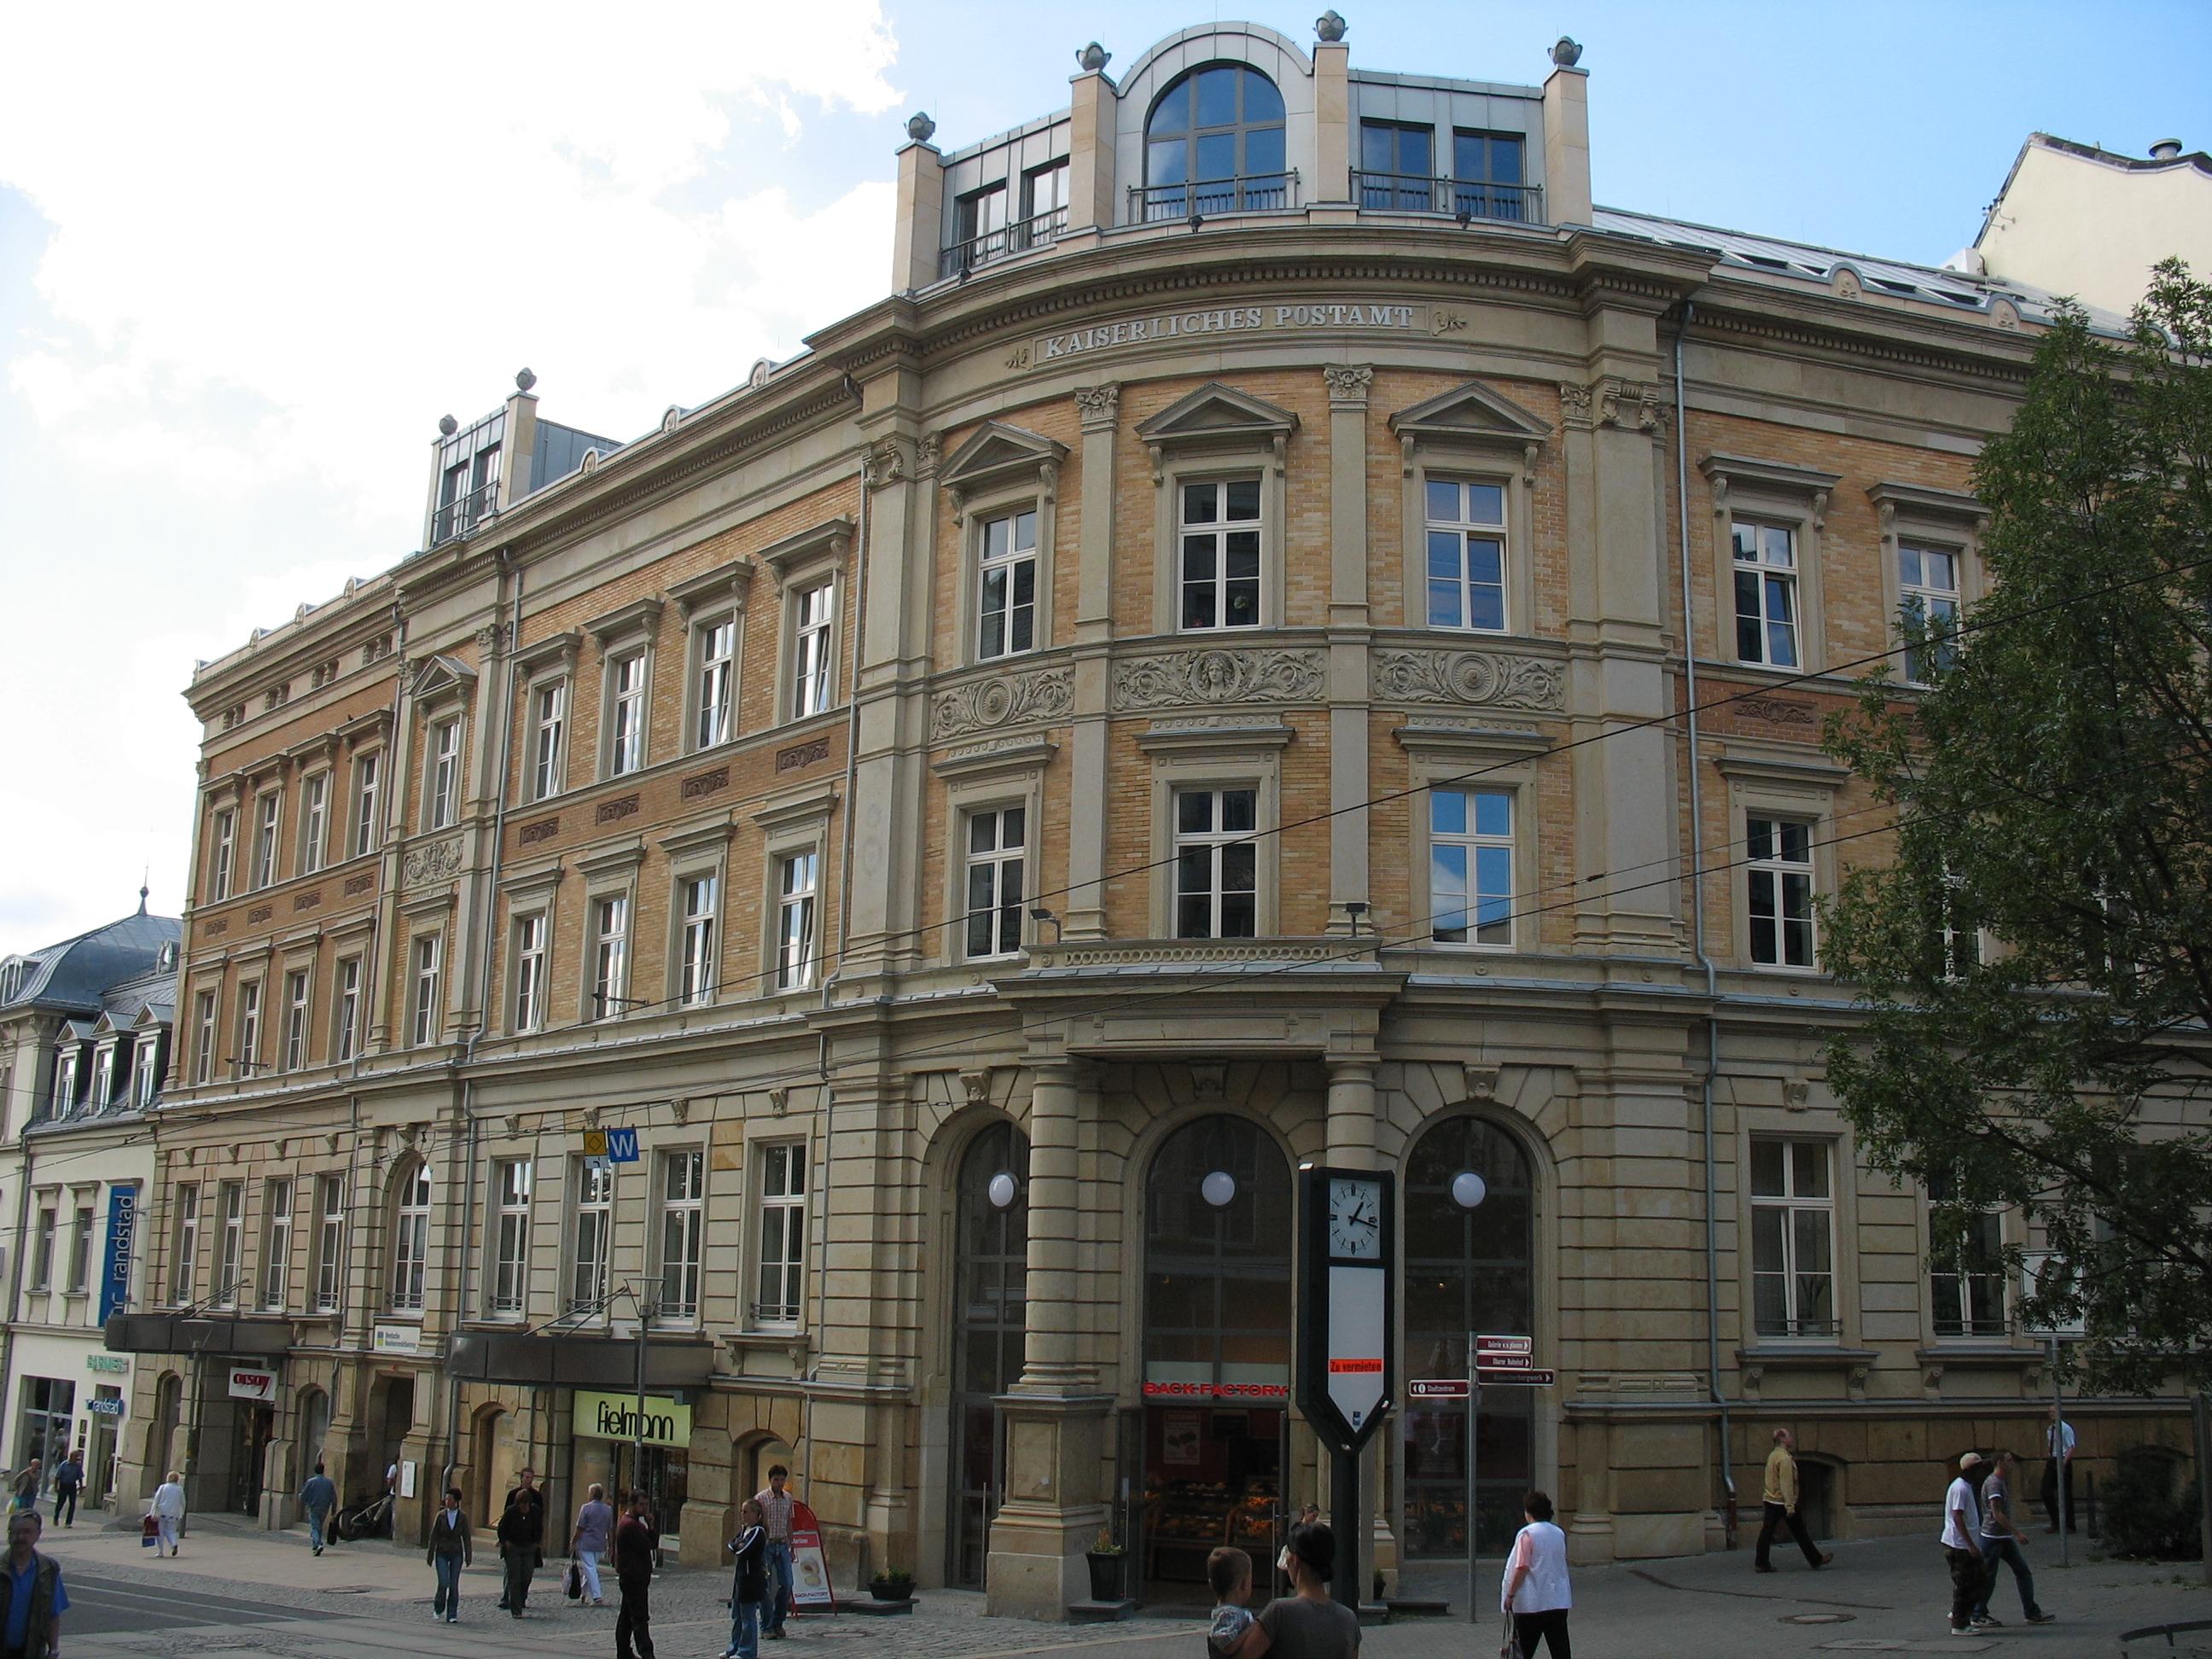 Datei:Plauen, Postplatz 3-4 - Hauptpostamt.jpg – Wikipedia